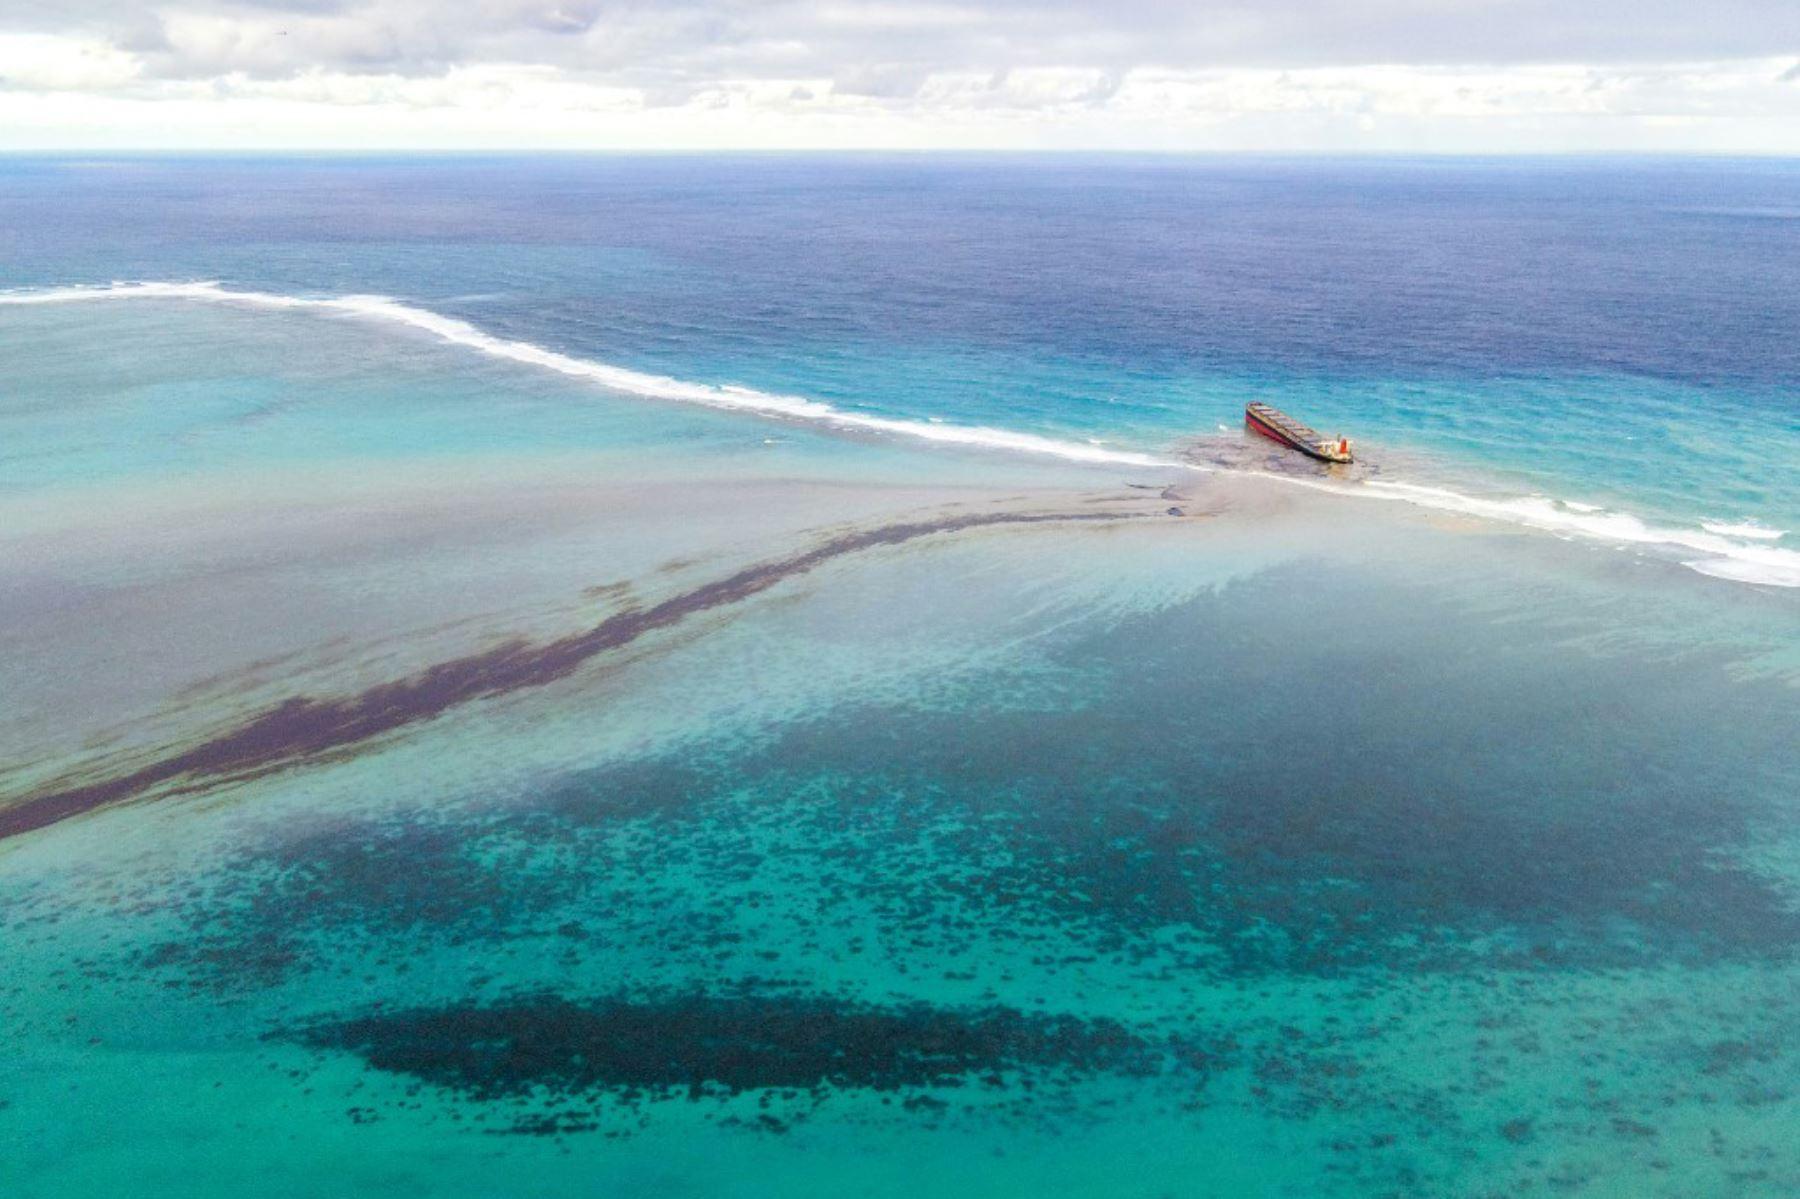 Esta vista aérea muestra una gran mancha de petróleo derramado y el buque MV Wakashio, perteneciente a una empresa japonesa que encalló cerca del Blue Bay Marine Park frente a las costas del sureste. Mauricio. Foto: AFP